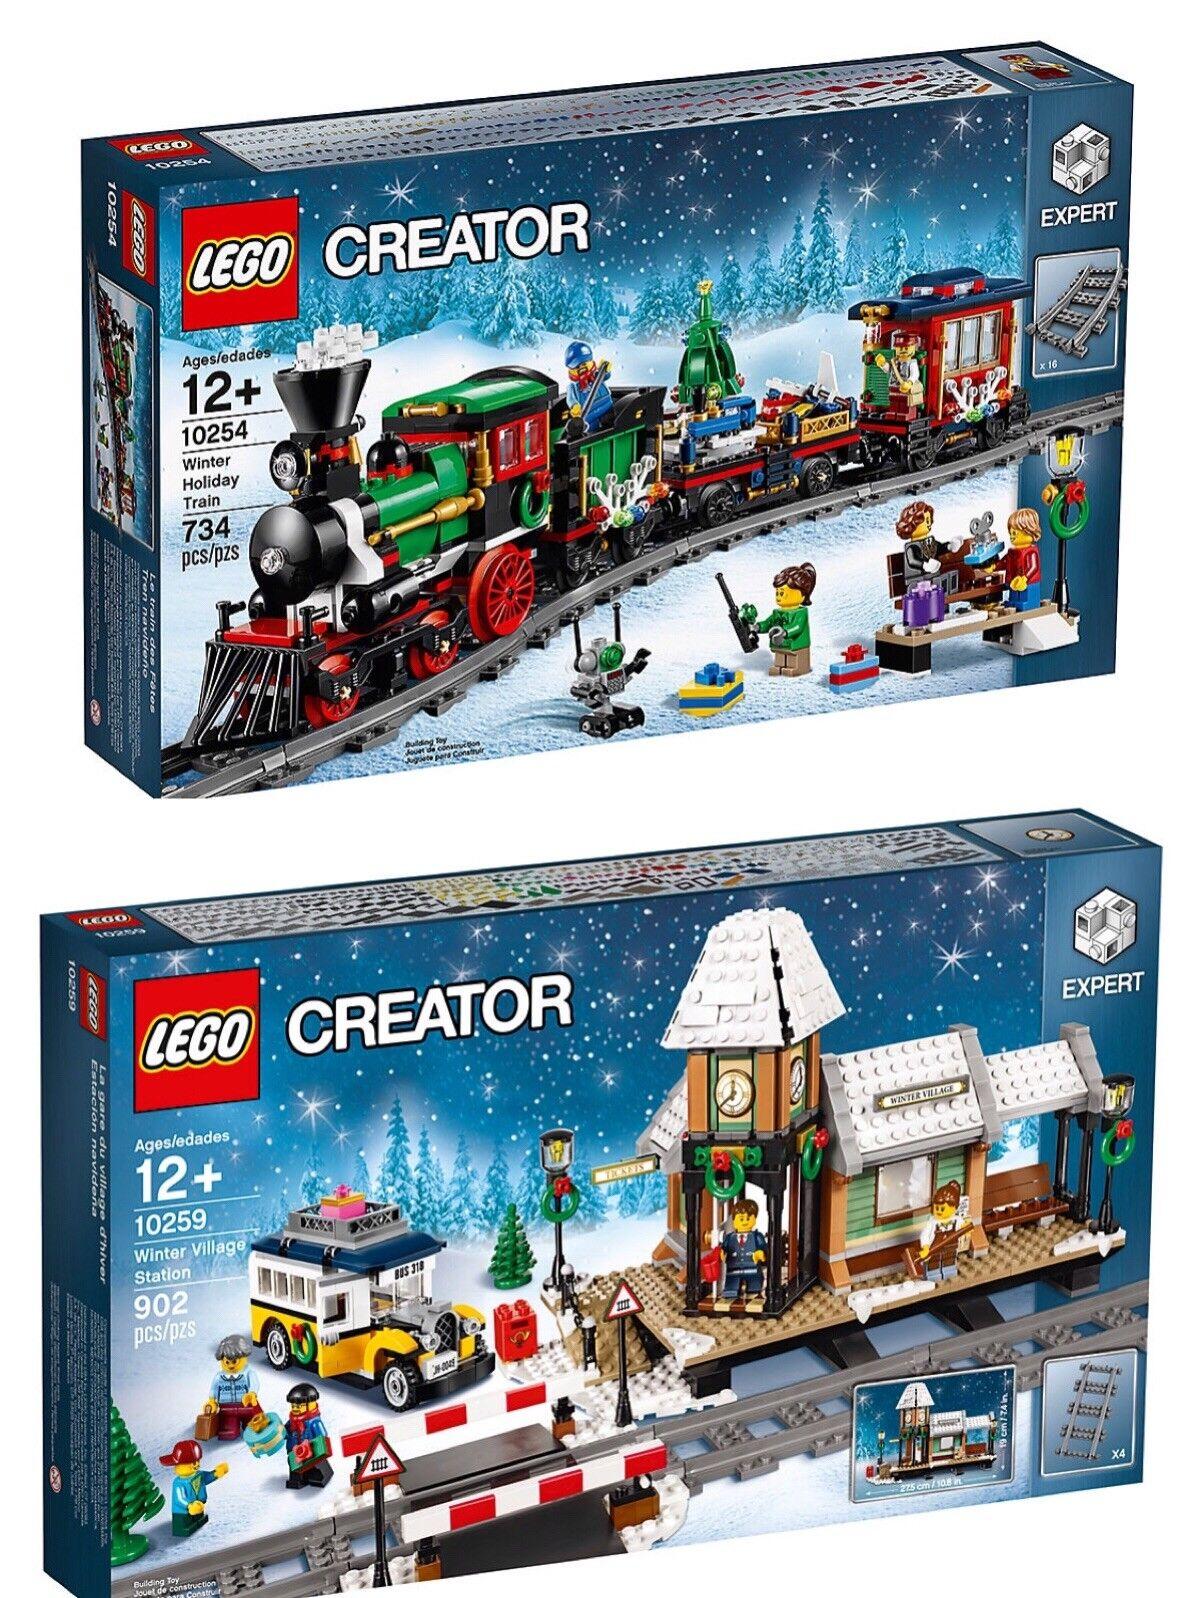 nouveau  LEGO Xmas Creator Sets  10254 Winter Holiday Train & 10259 Village Station  avec 60% de réduction